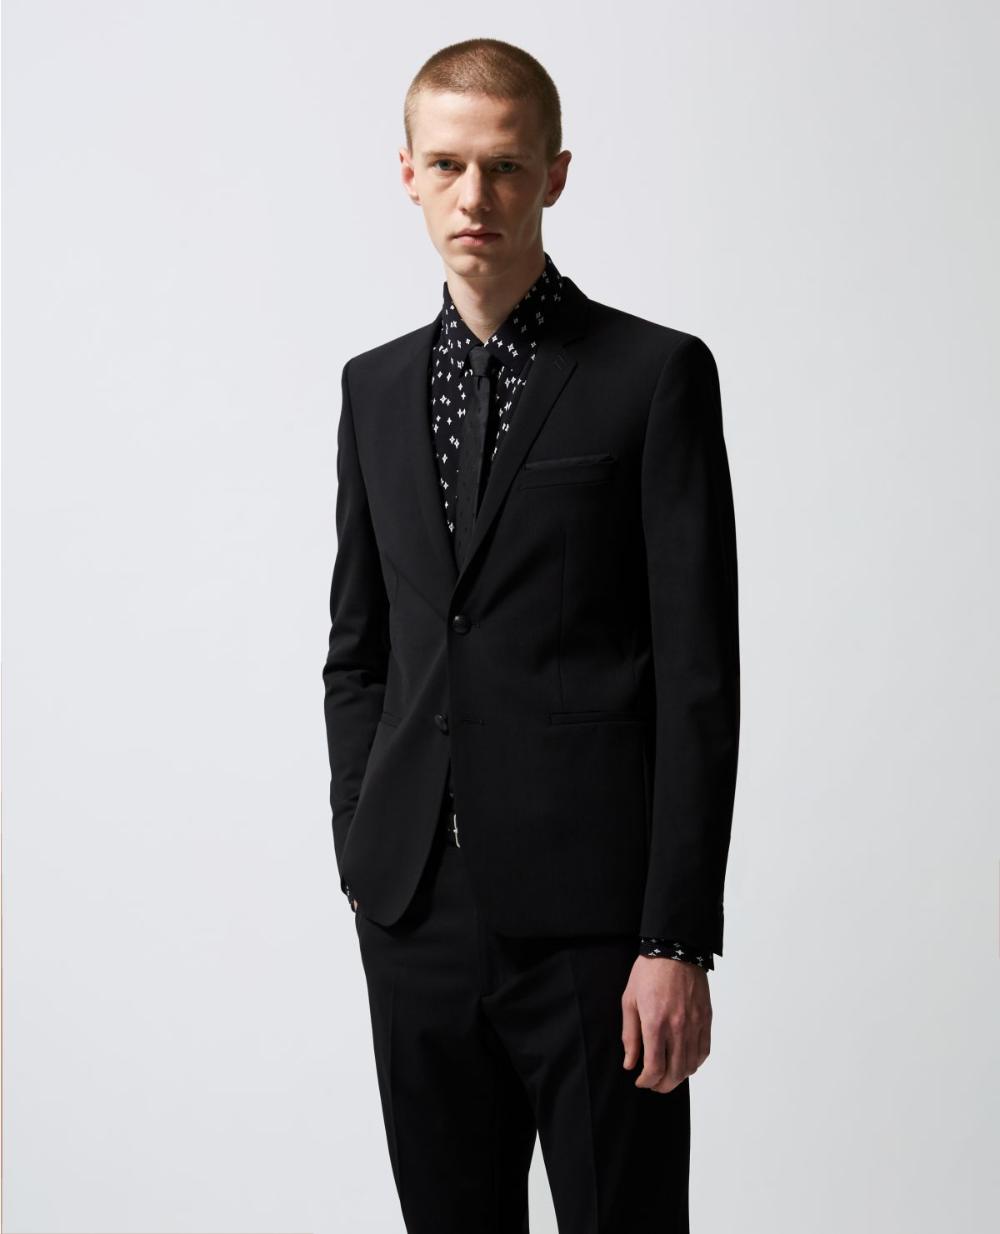 Veste noire habillée laine à chaîne en 2020 (avec images